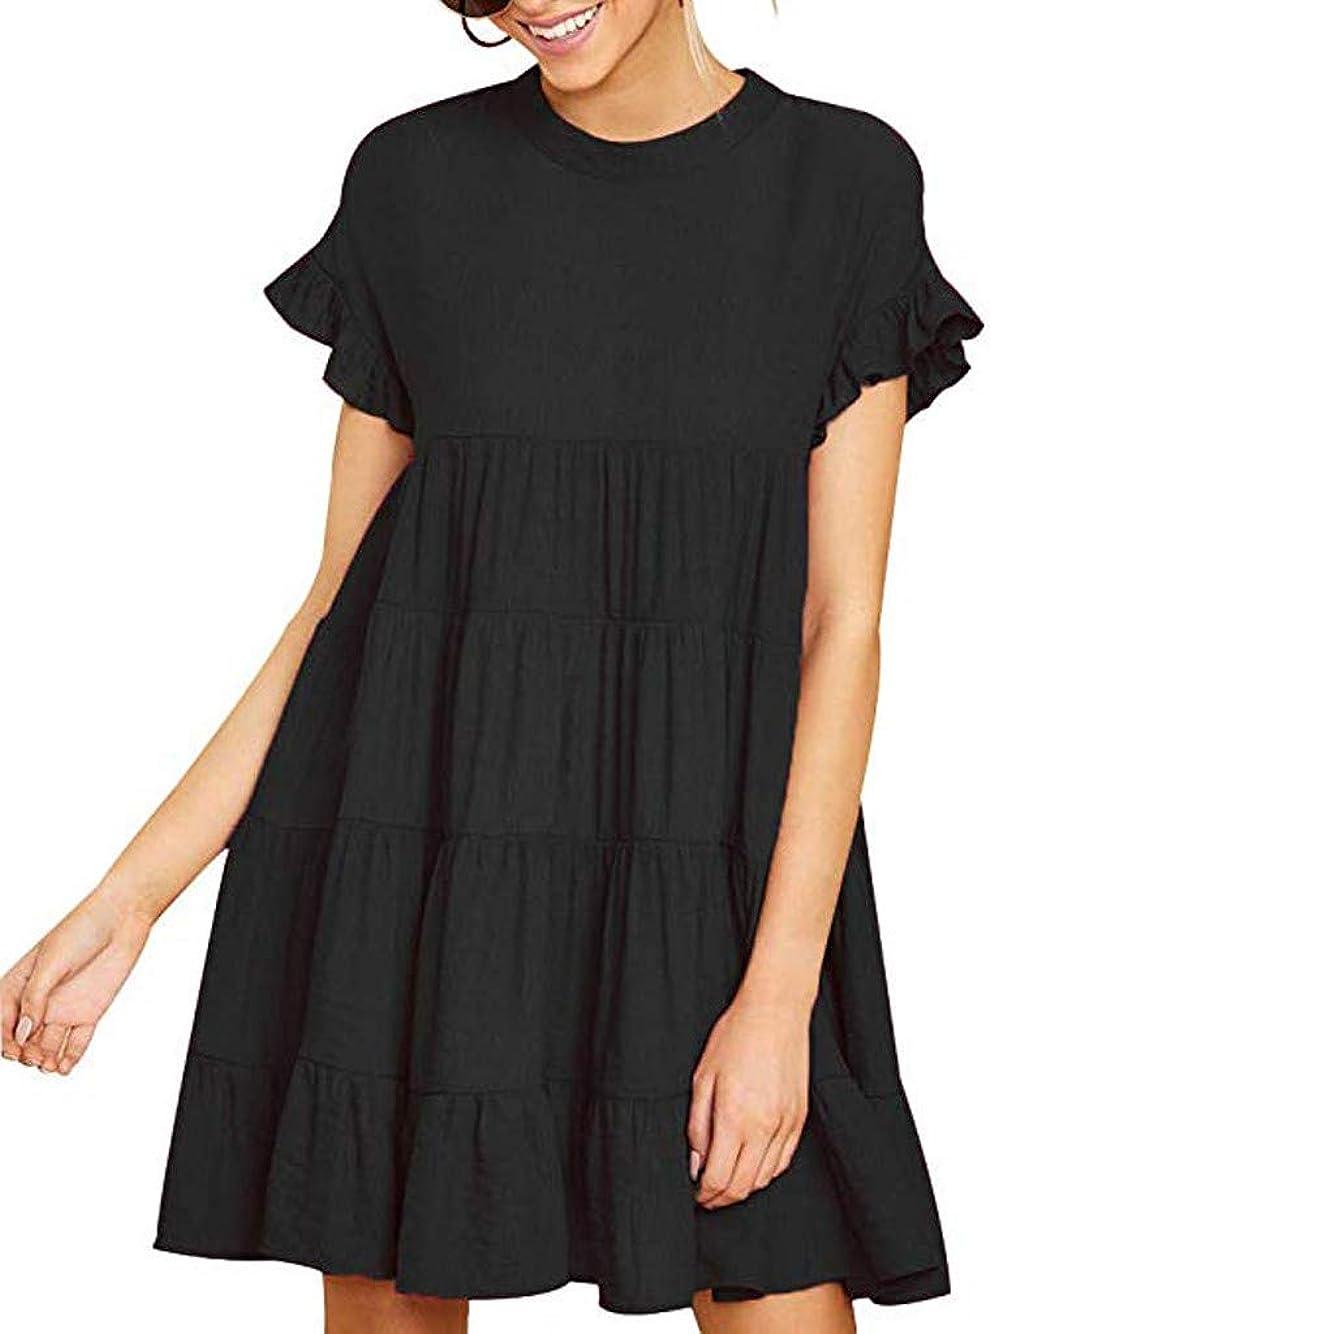 害虫量で会計士SakuraBest Womens Summer Ruffle Sleeve Casual Plain Short Sleeve Dress Loose Swing Party Dress